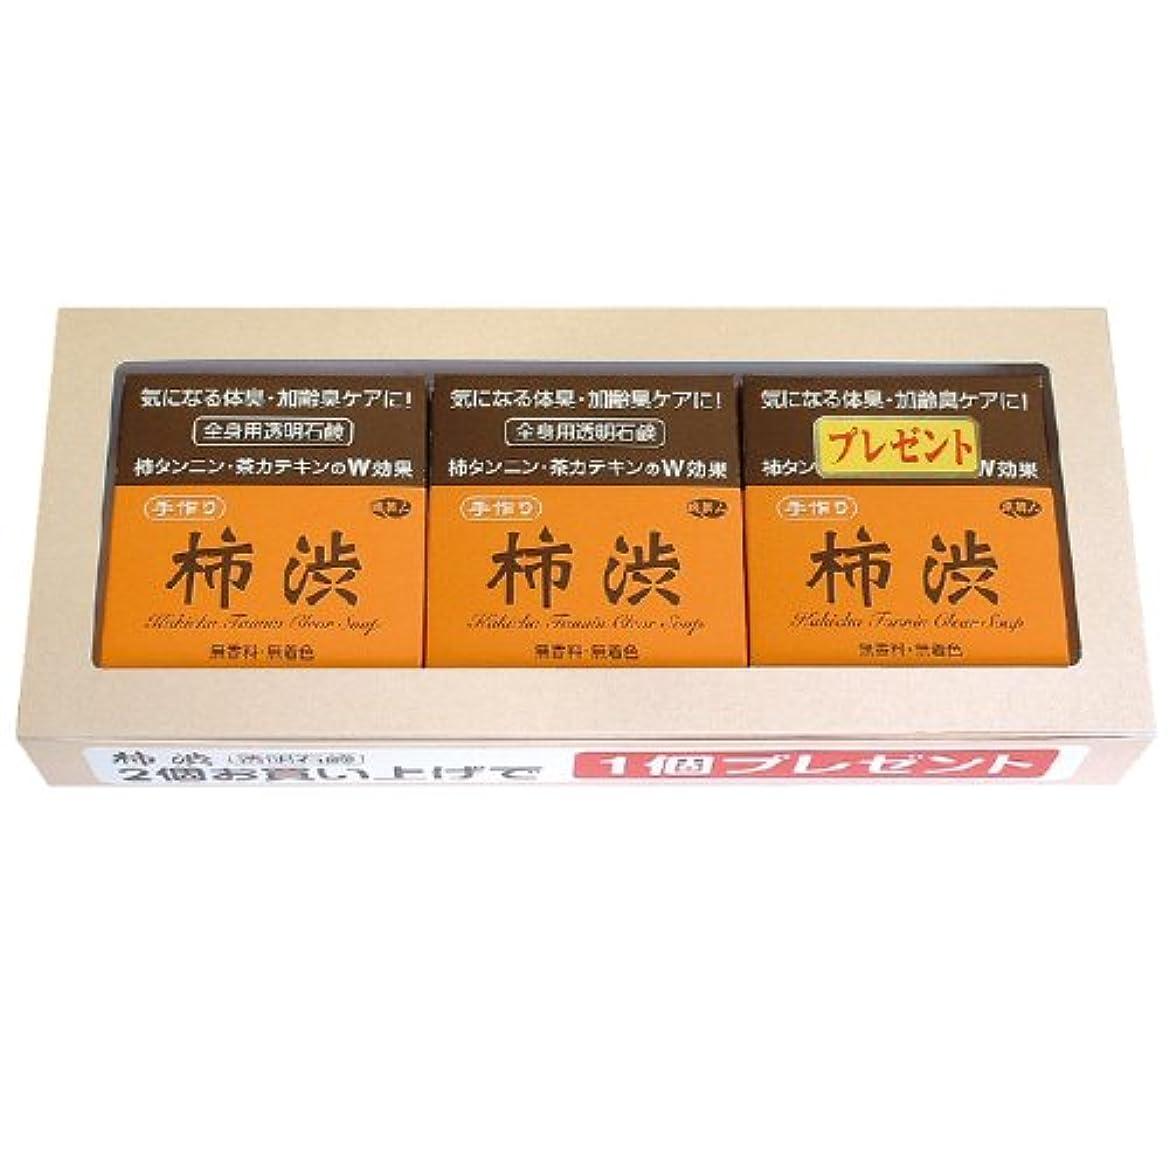 荒れ地ばかげた特権的アズマ商事の 柿渋透明石鹸 2個の値段で3個入りセット